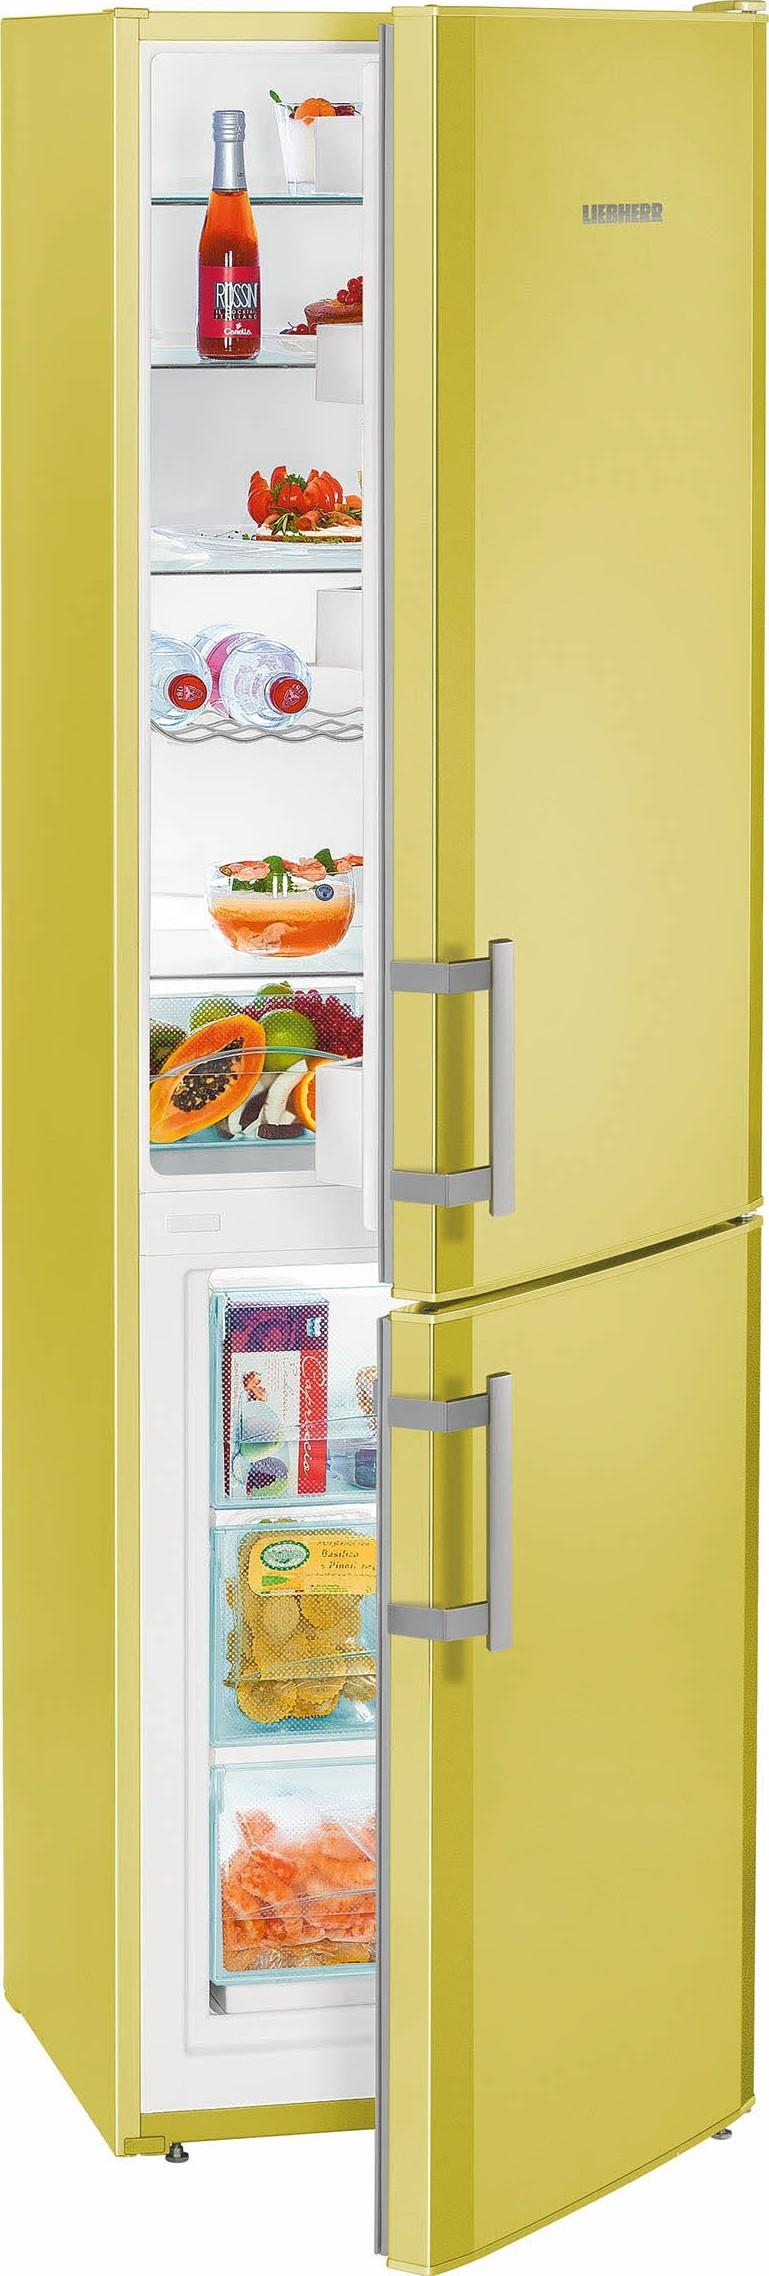 Liebherr cuag3311 koelkast groen de schouw witgoed - Koelkast groen ...